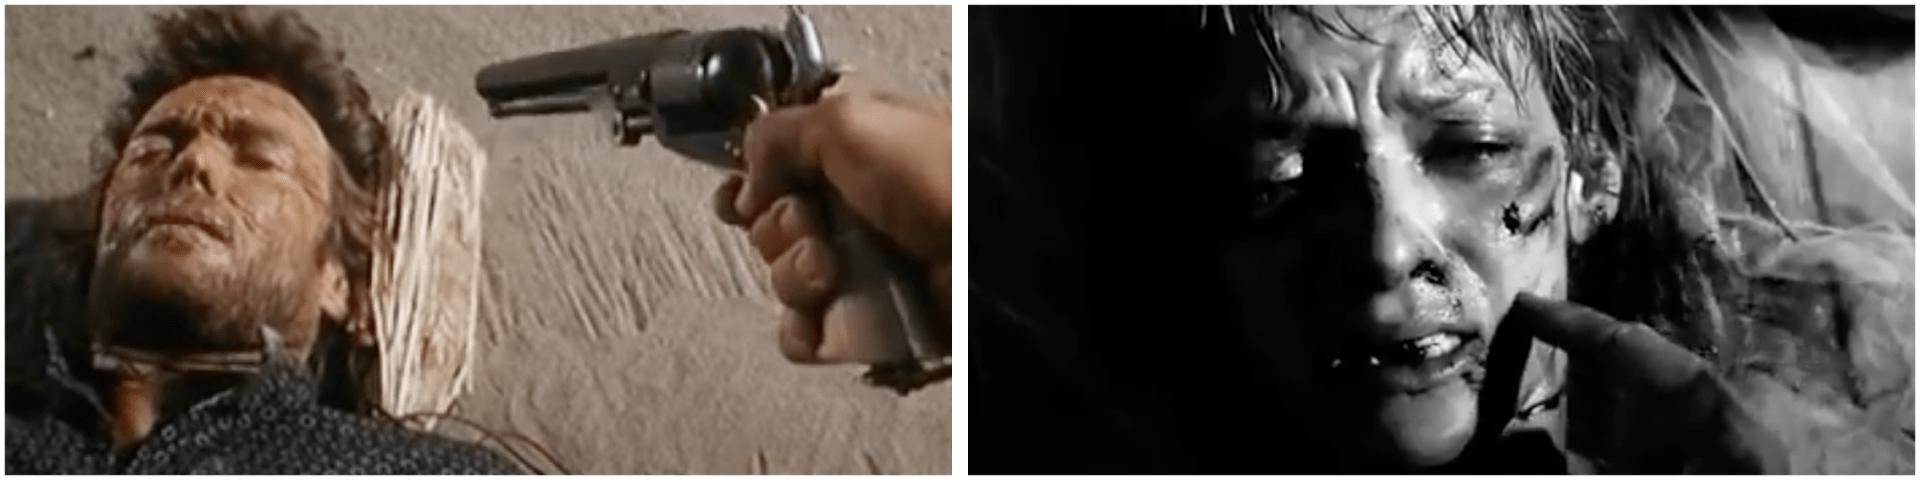 clint-eastwood-uma-thurman-trilogia-dollaro-sergio-leone